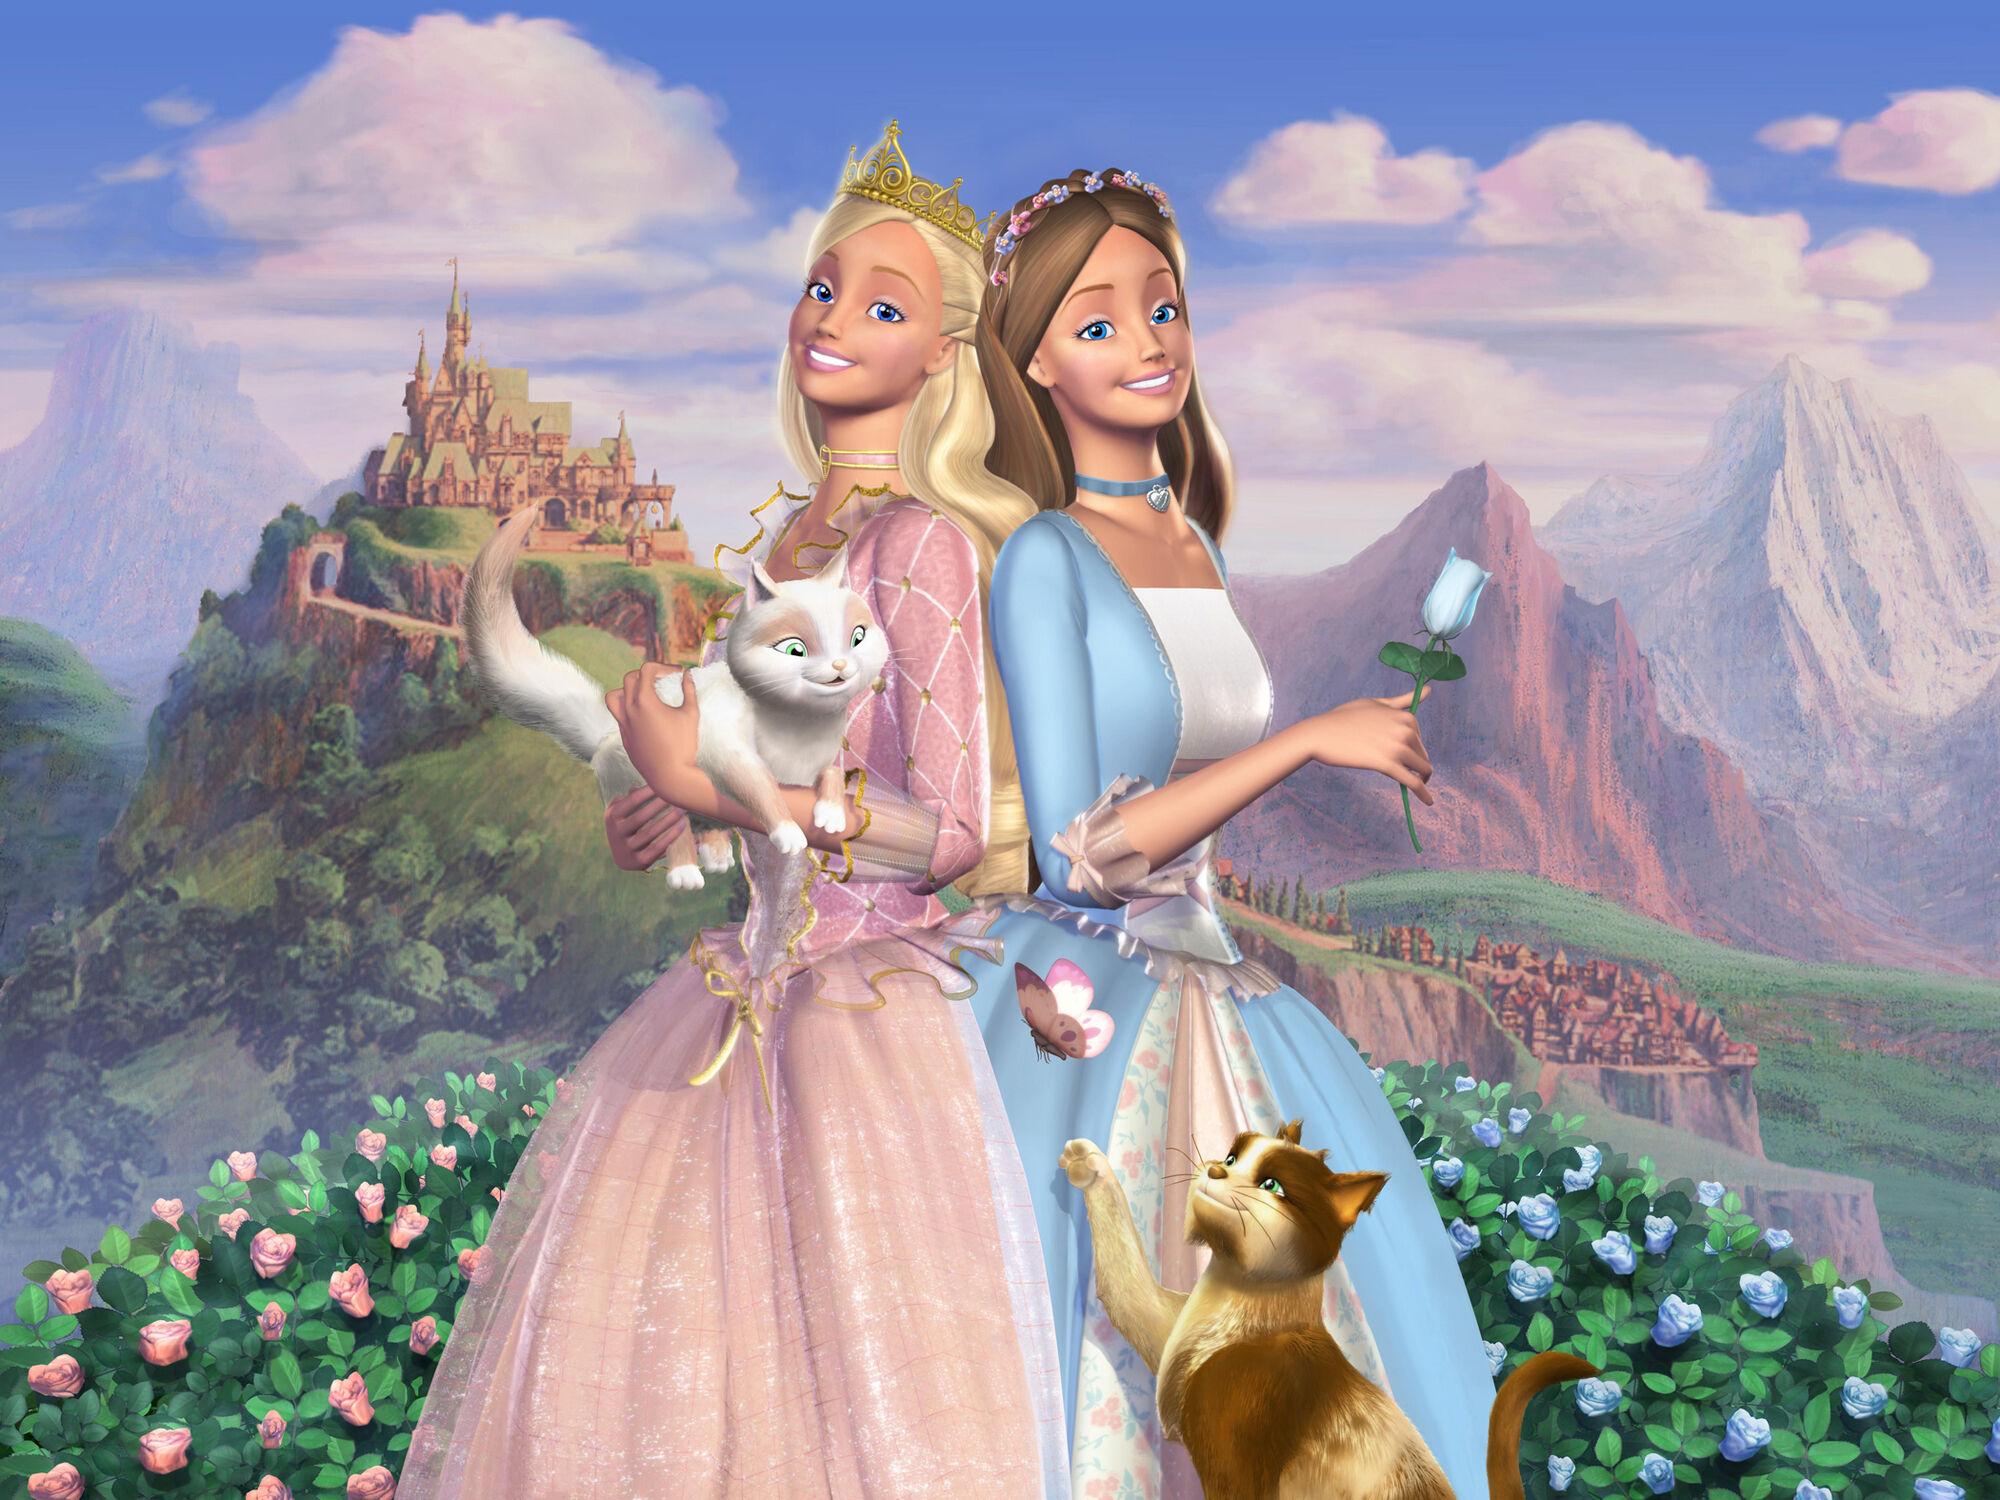 Barbie: Die Prinzessin und das Dorfmädchen | Barbie Wiki | FANDOM ...